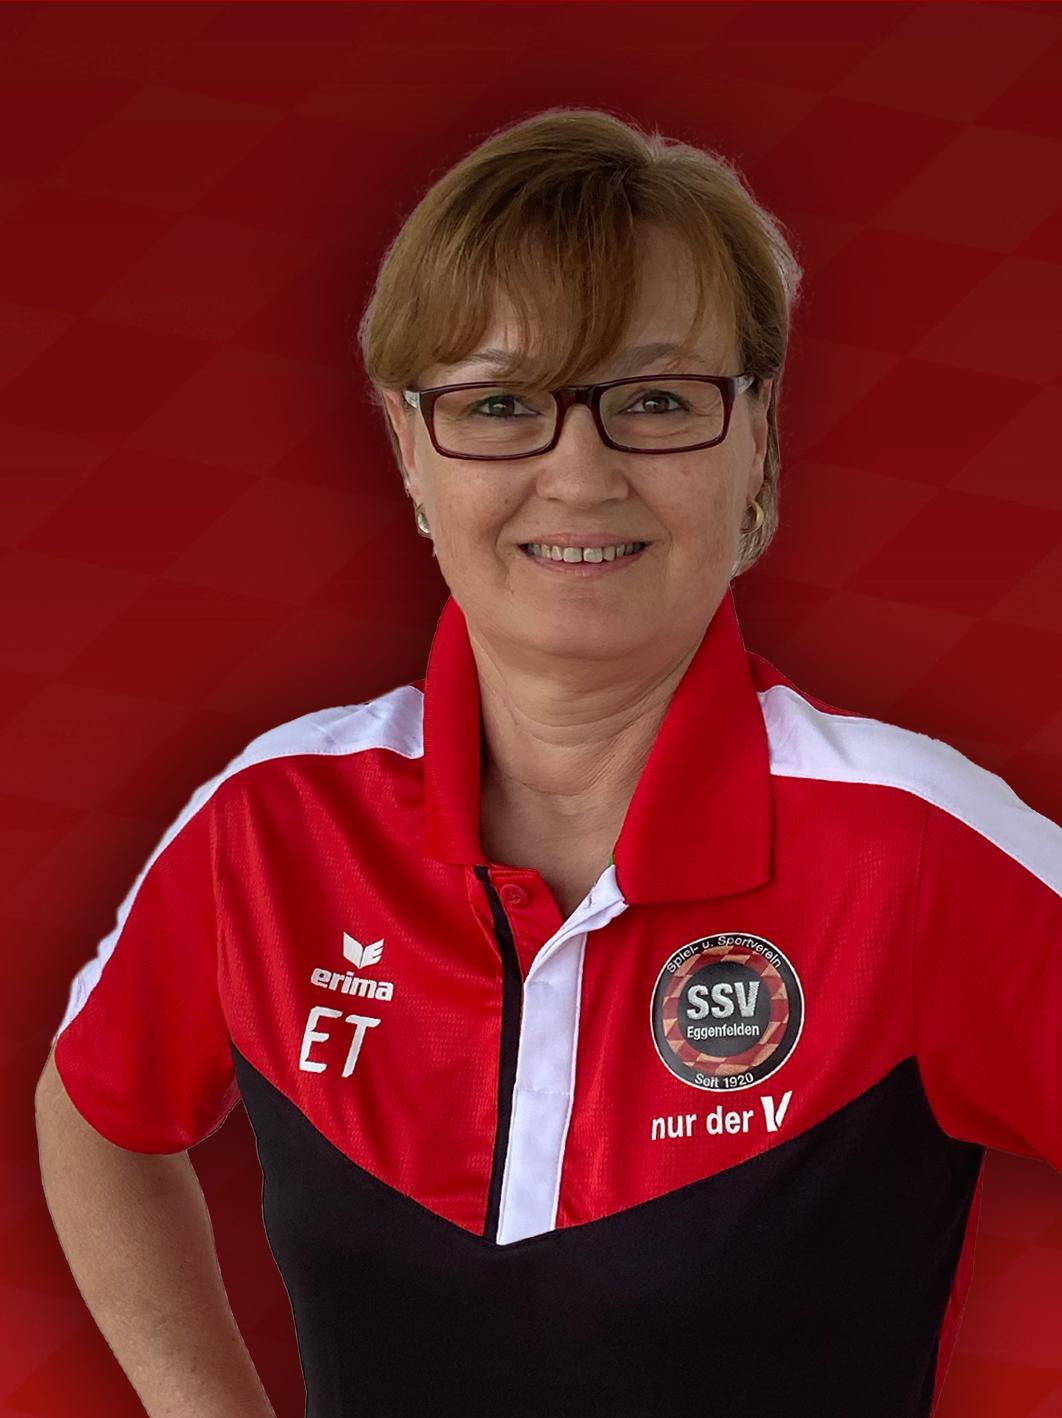 Elfriede Trieflinger